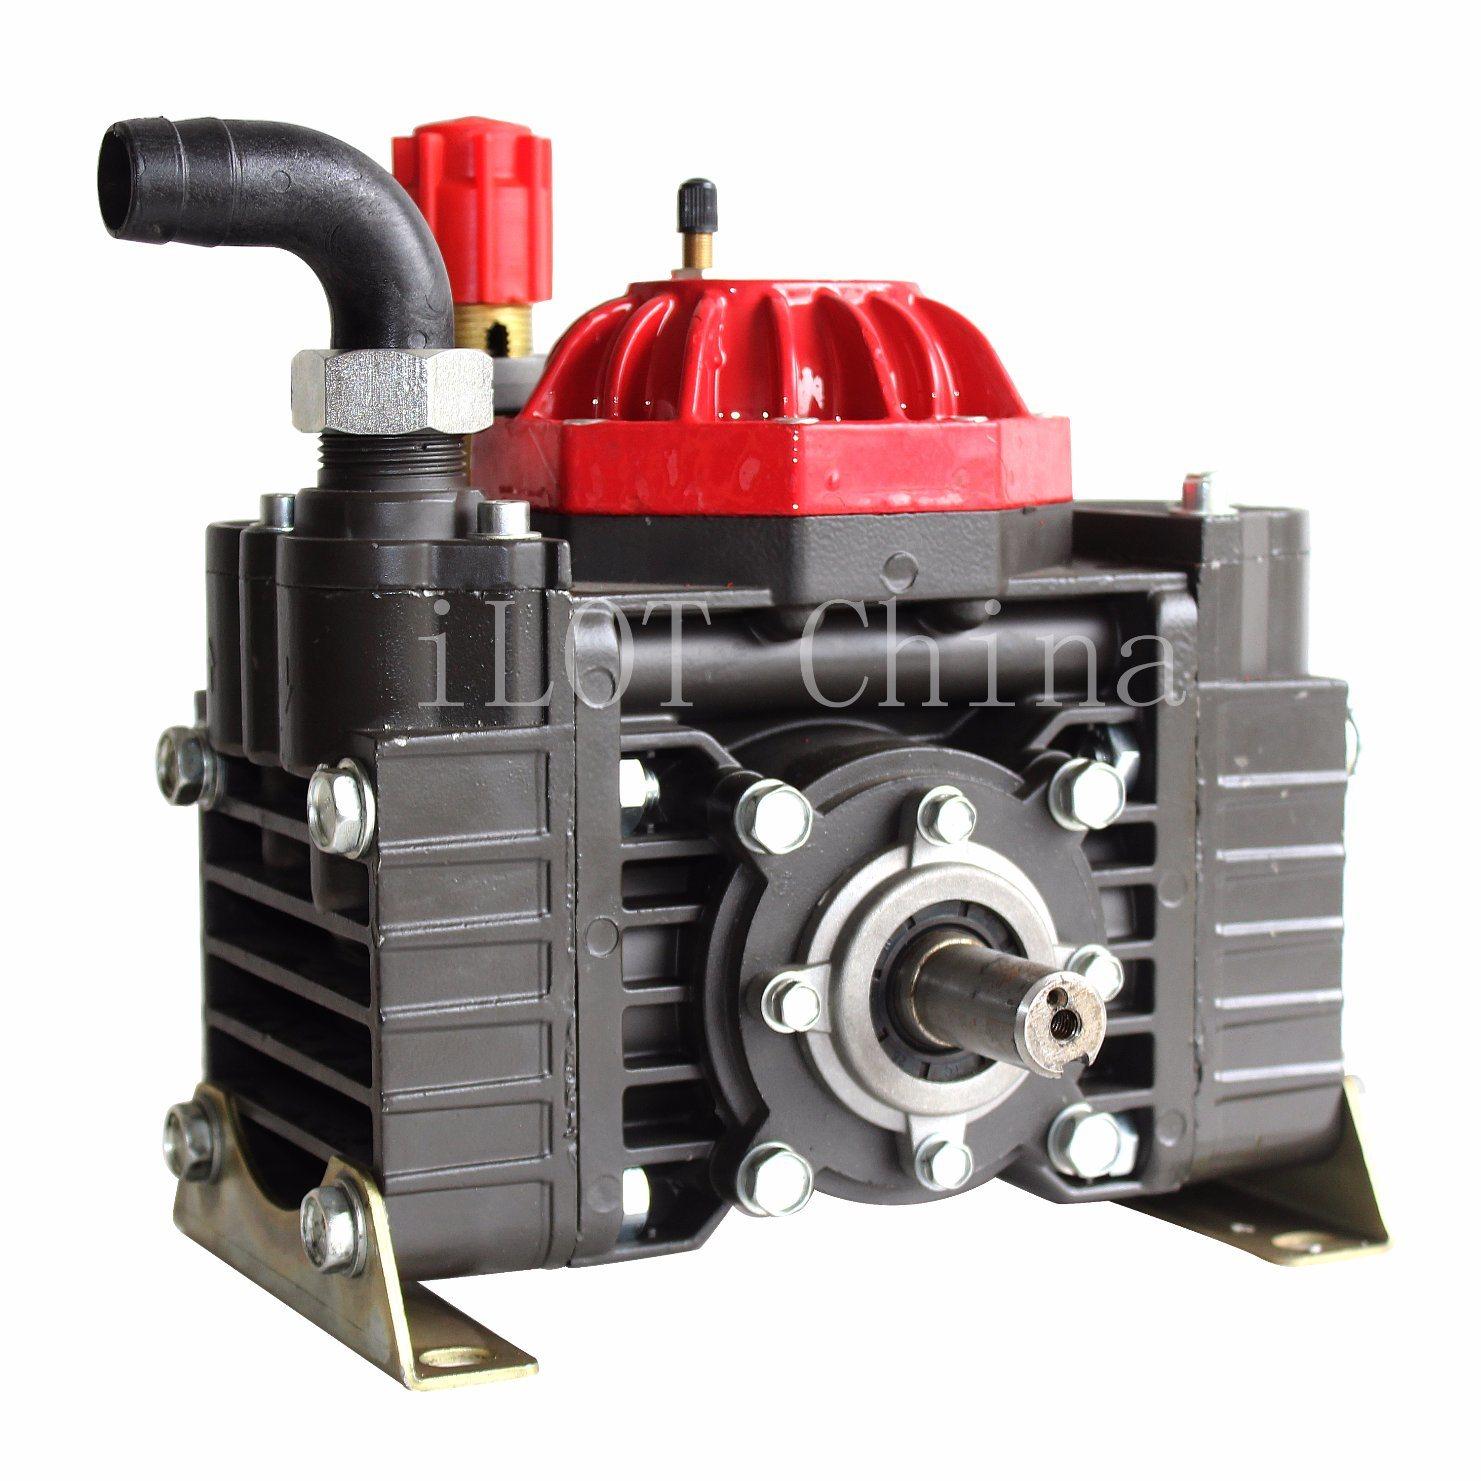 Ilot Pb0014 Hyd Diaphragm Membrane Pto Tractor Water Pump 13.2gpm